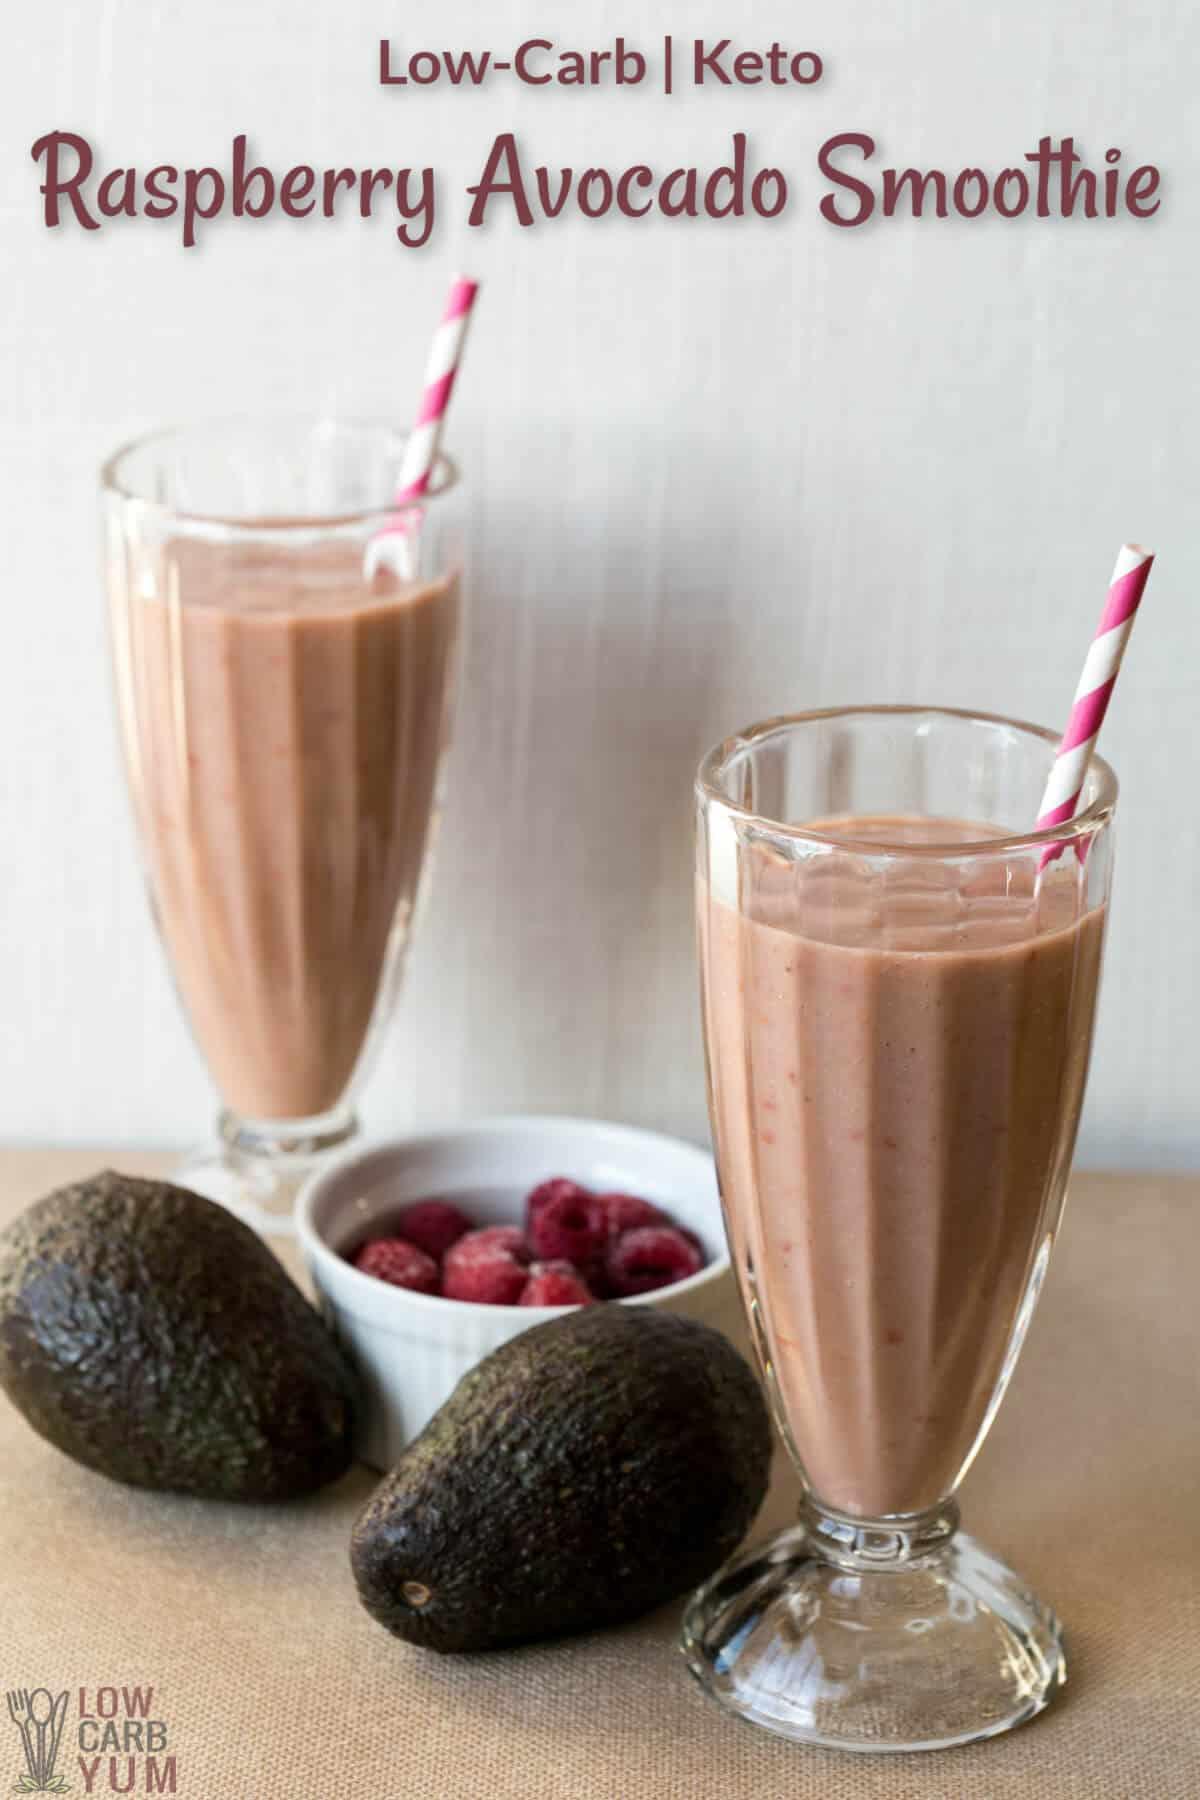 keto raspberry avocado smoothie recipe cover image